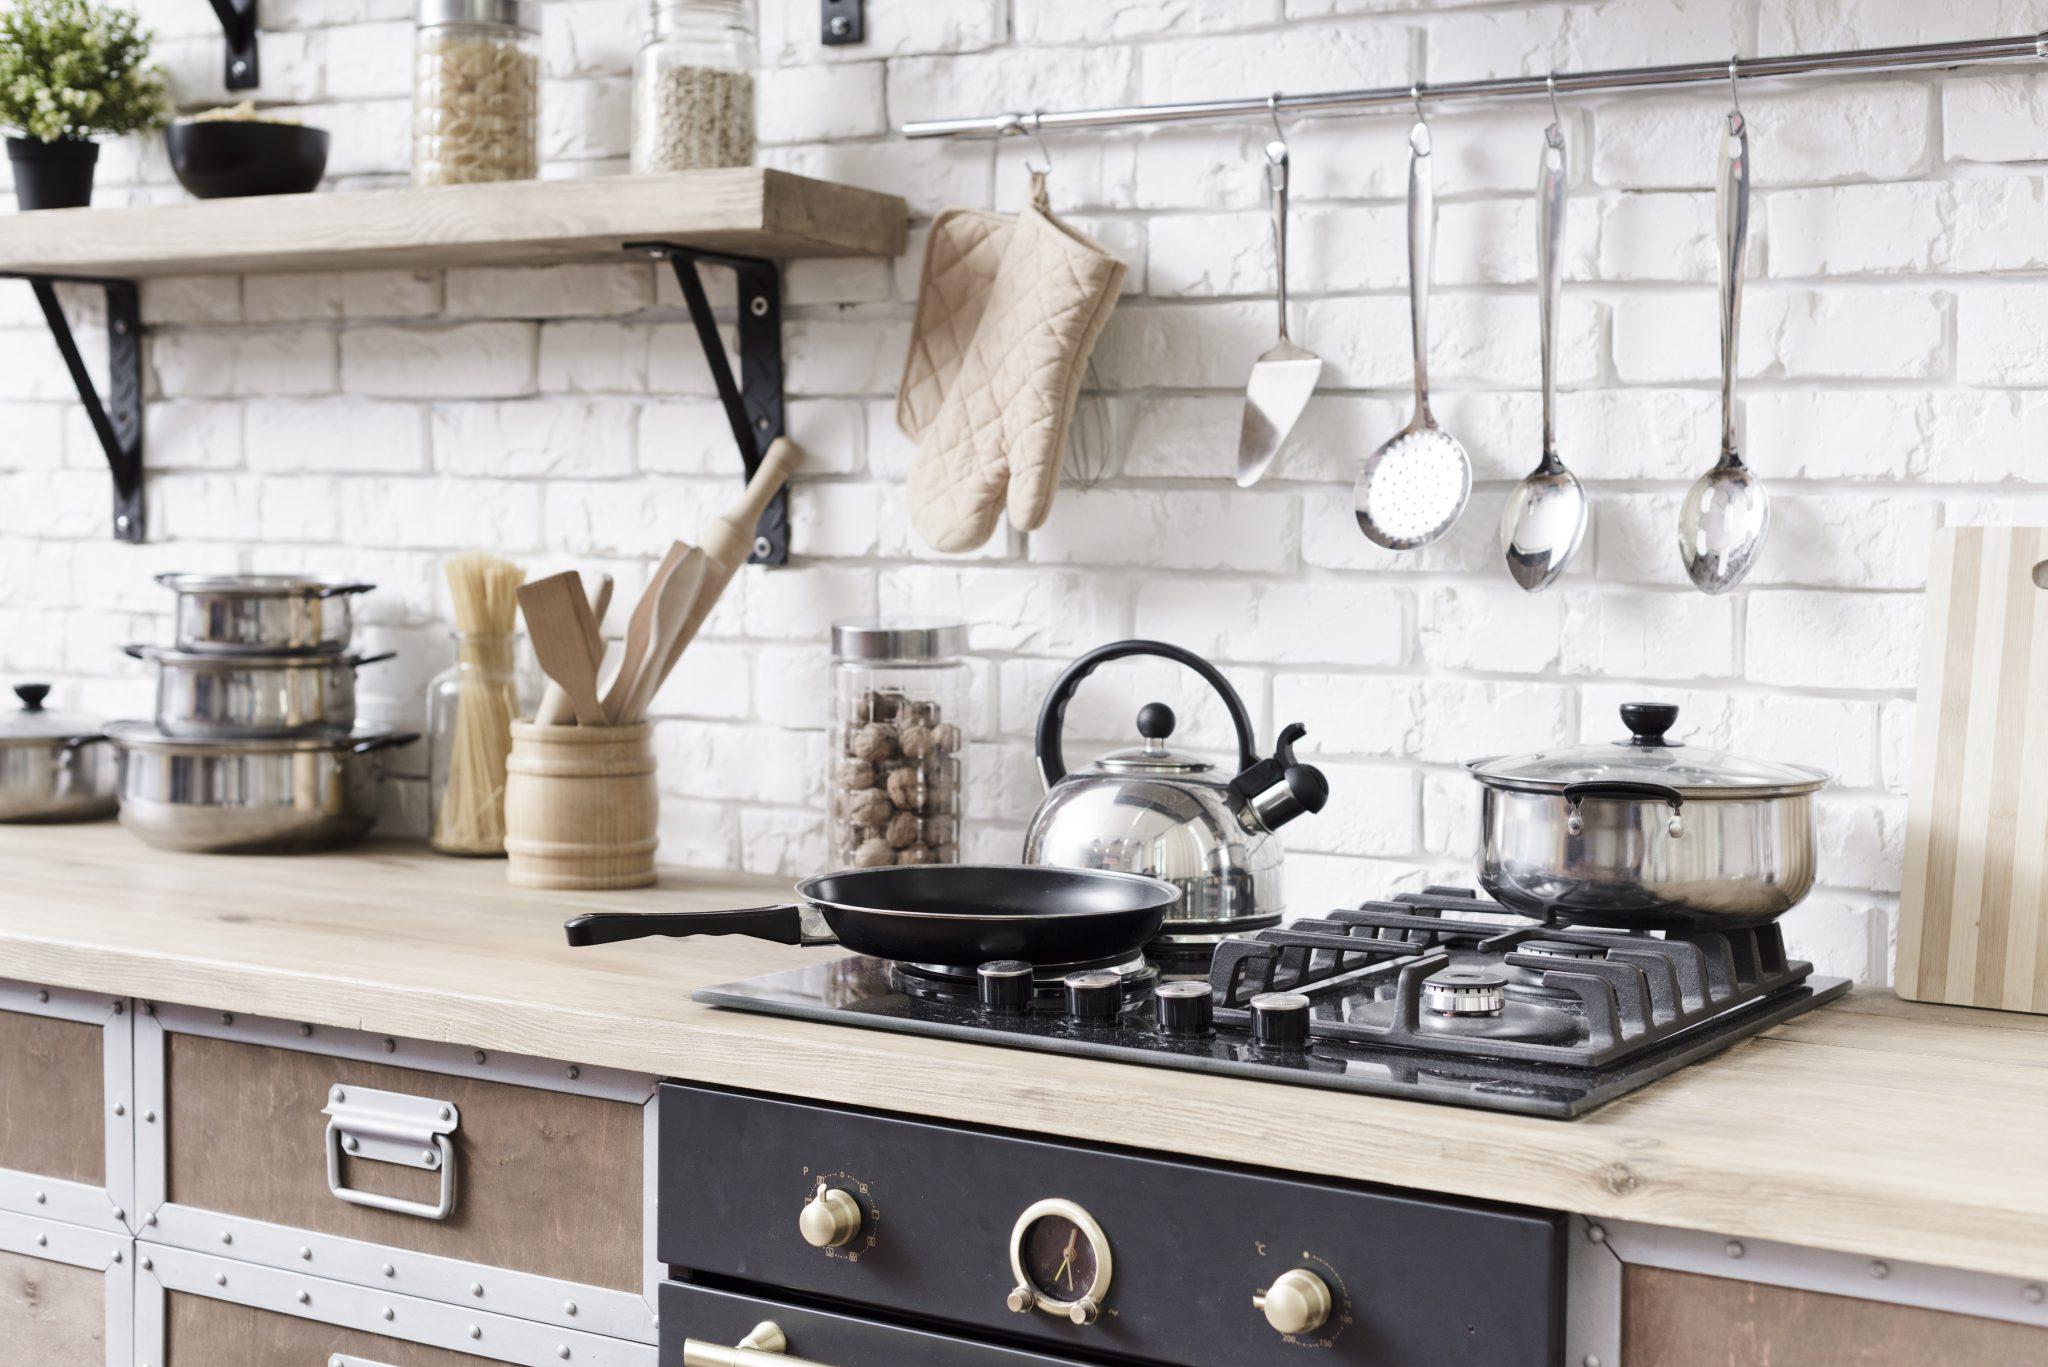 تجهیزات آشپزخانه - فروشگاه امیرحسینی